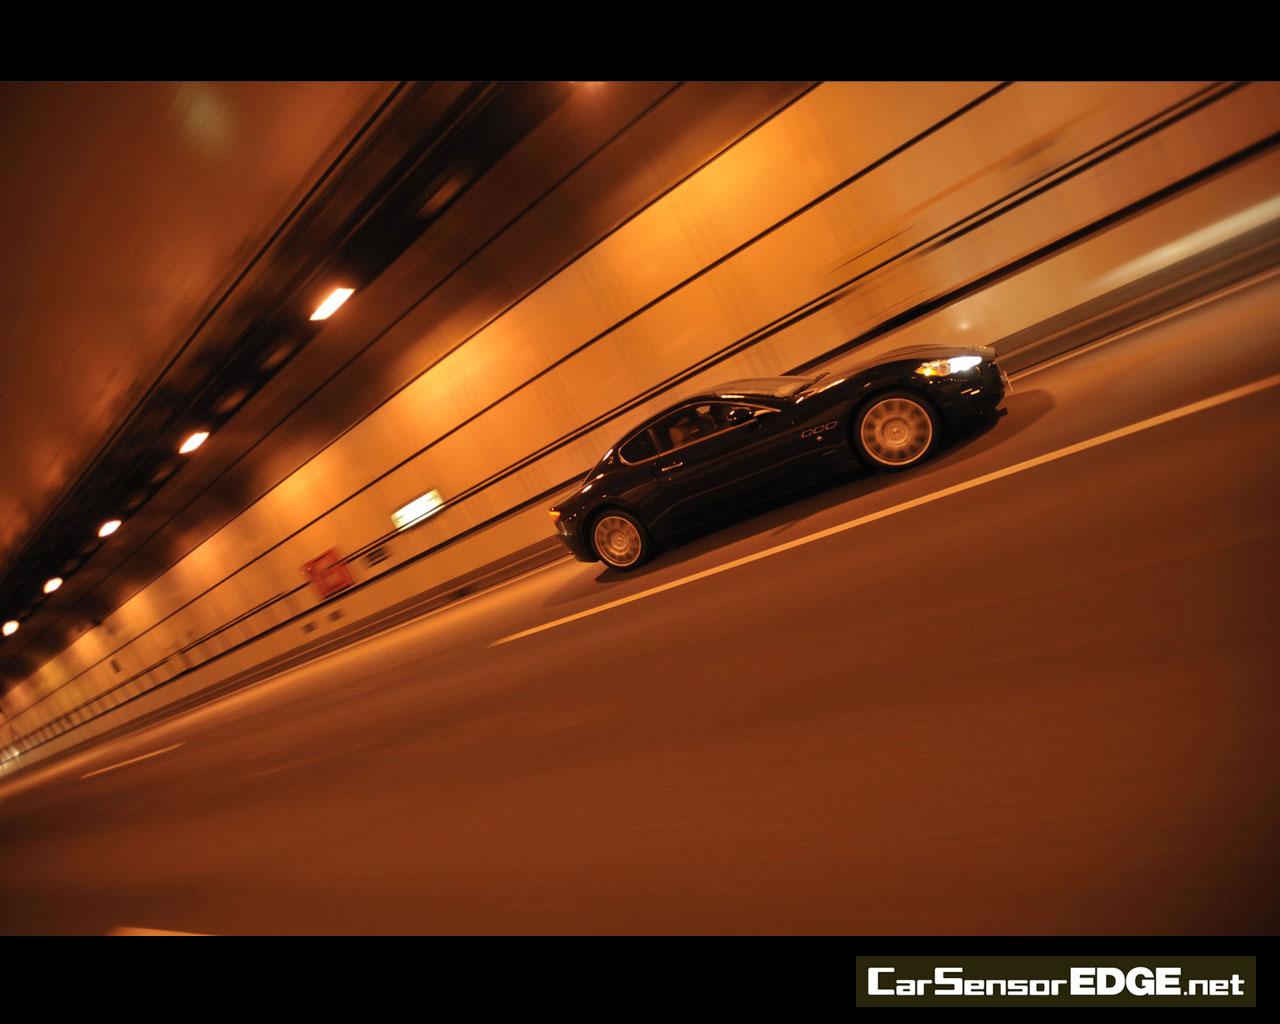 輸入車 外車の壁紙 輸入車 外車の中古車情報カーセンサーエッジnet